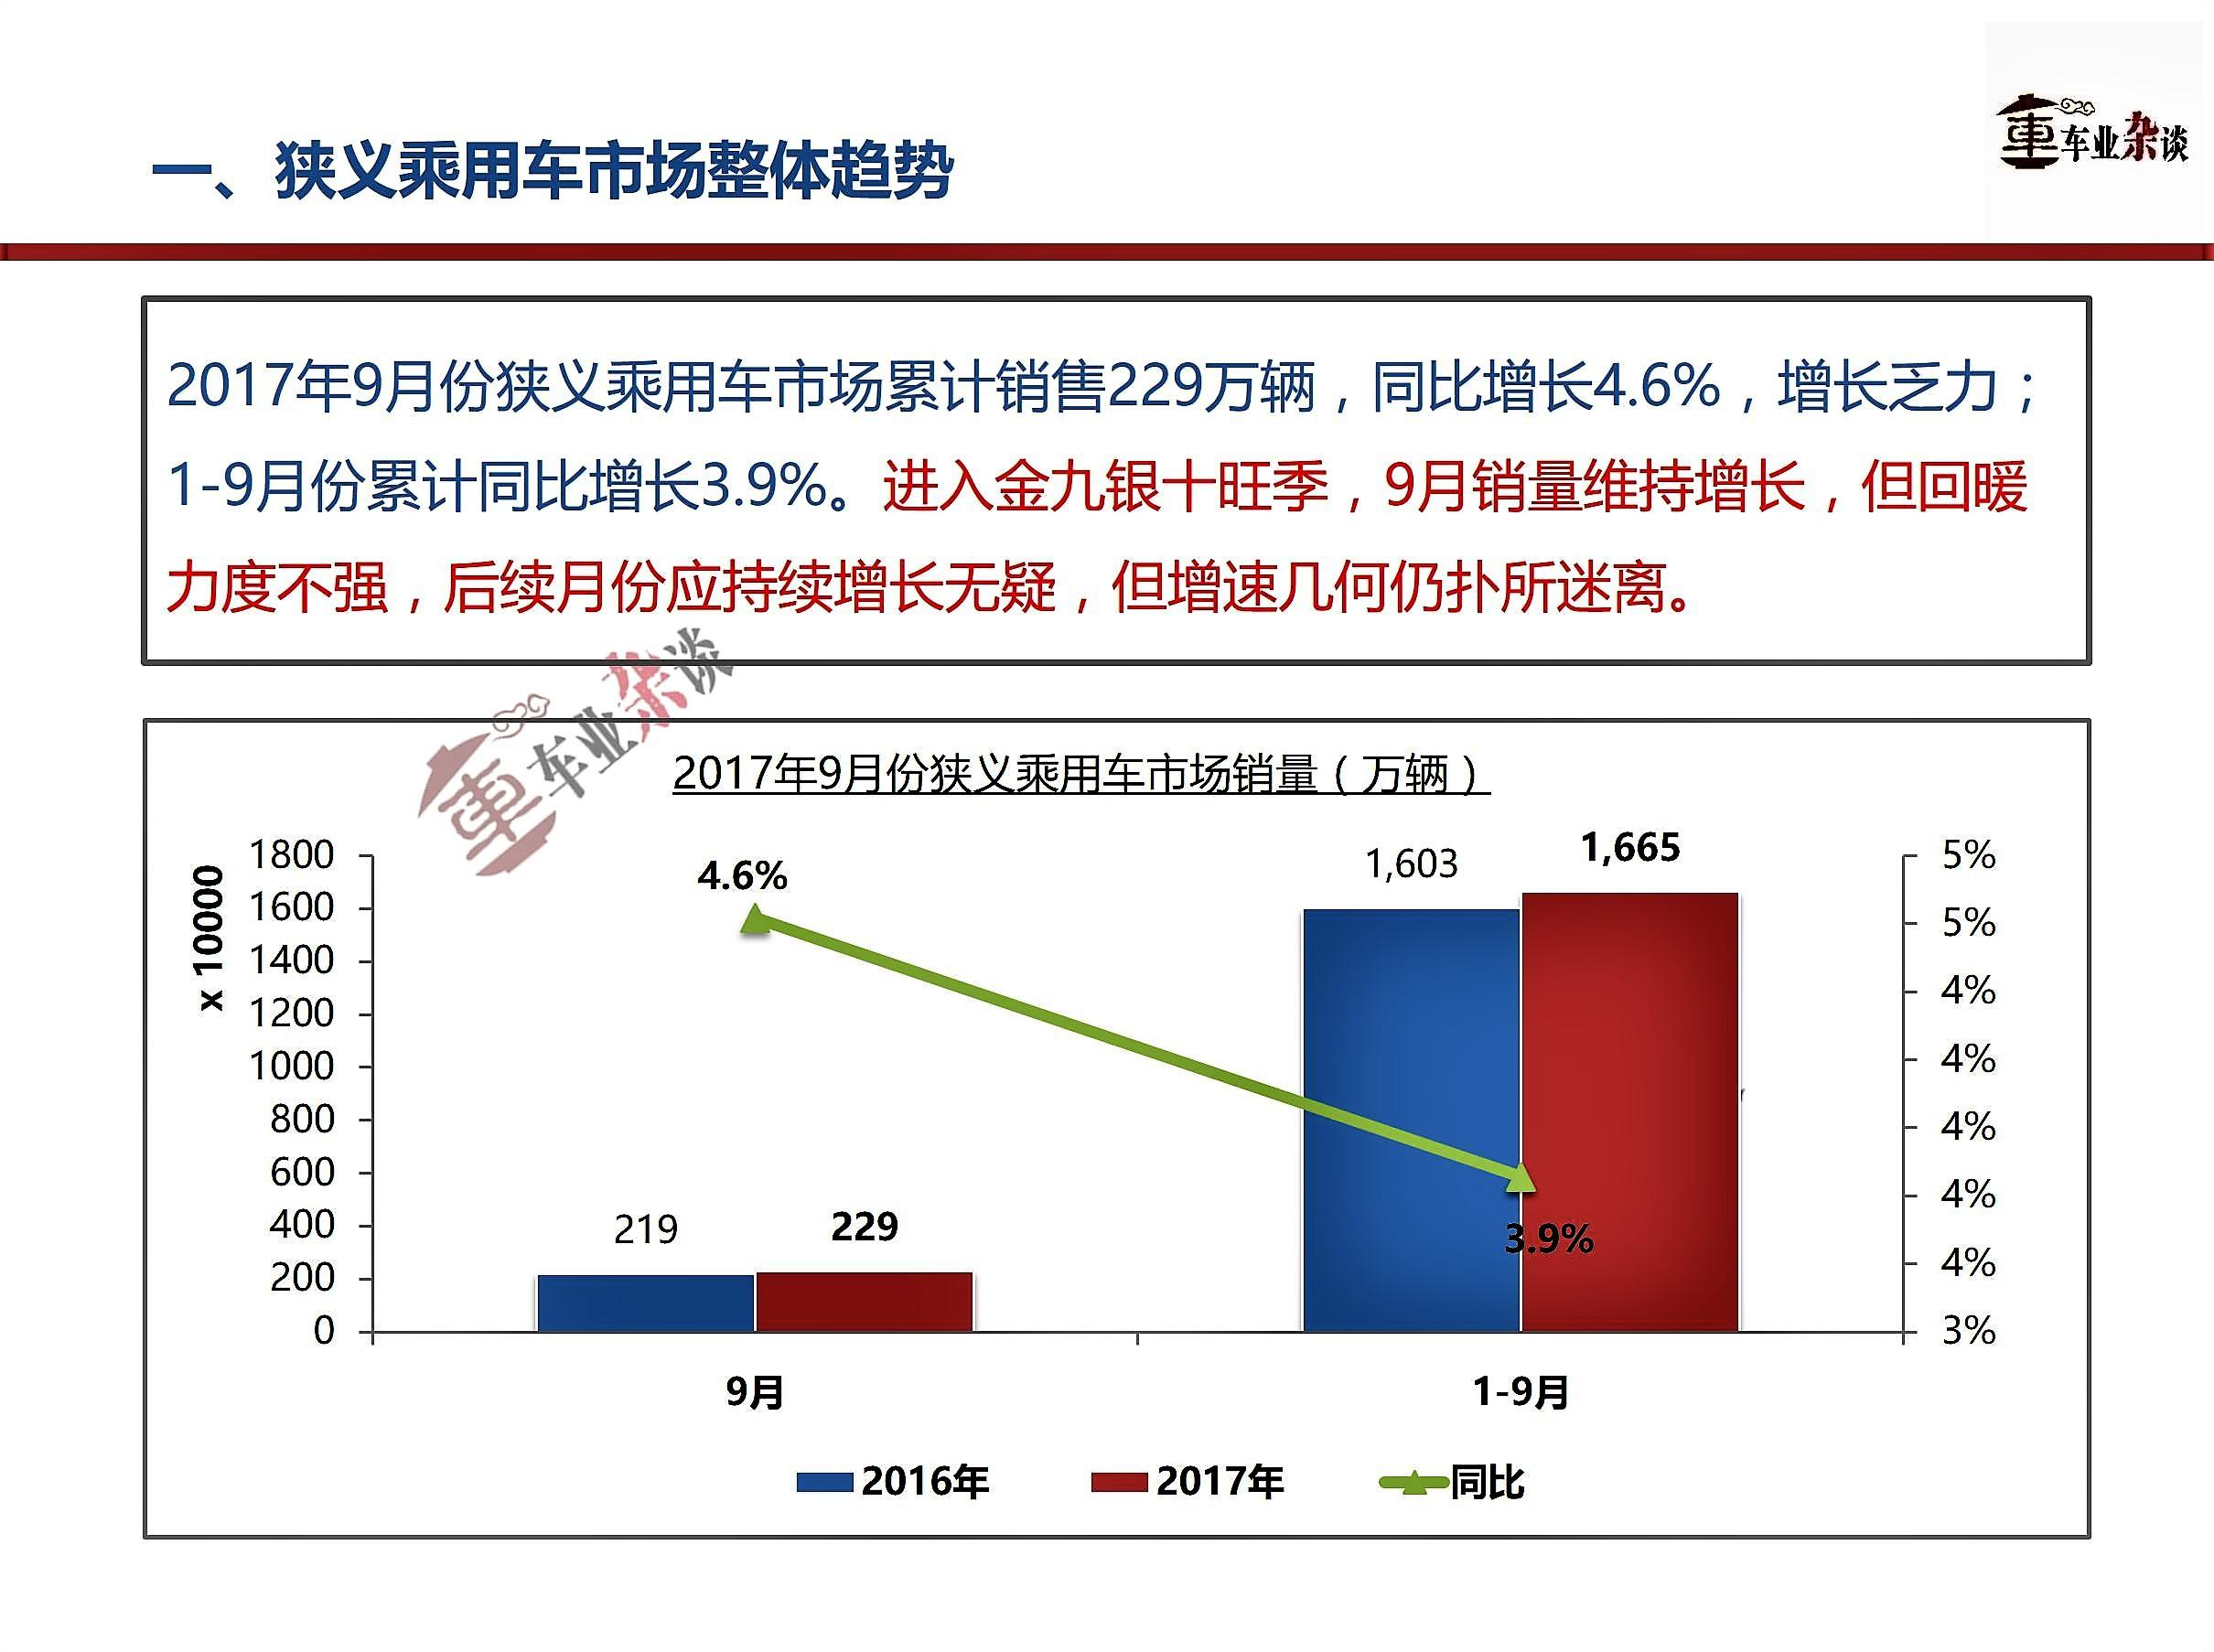 9月狭义乘用车市场增长,旺季市场反弹力度不够大 - 周磊 - 周磊